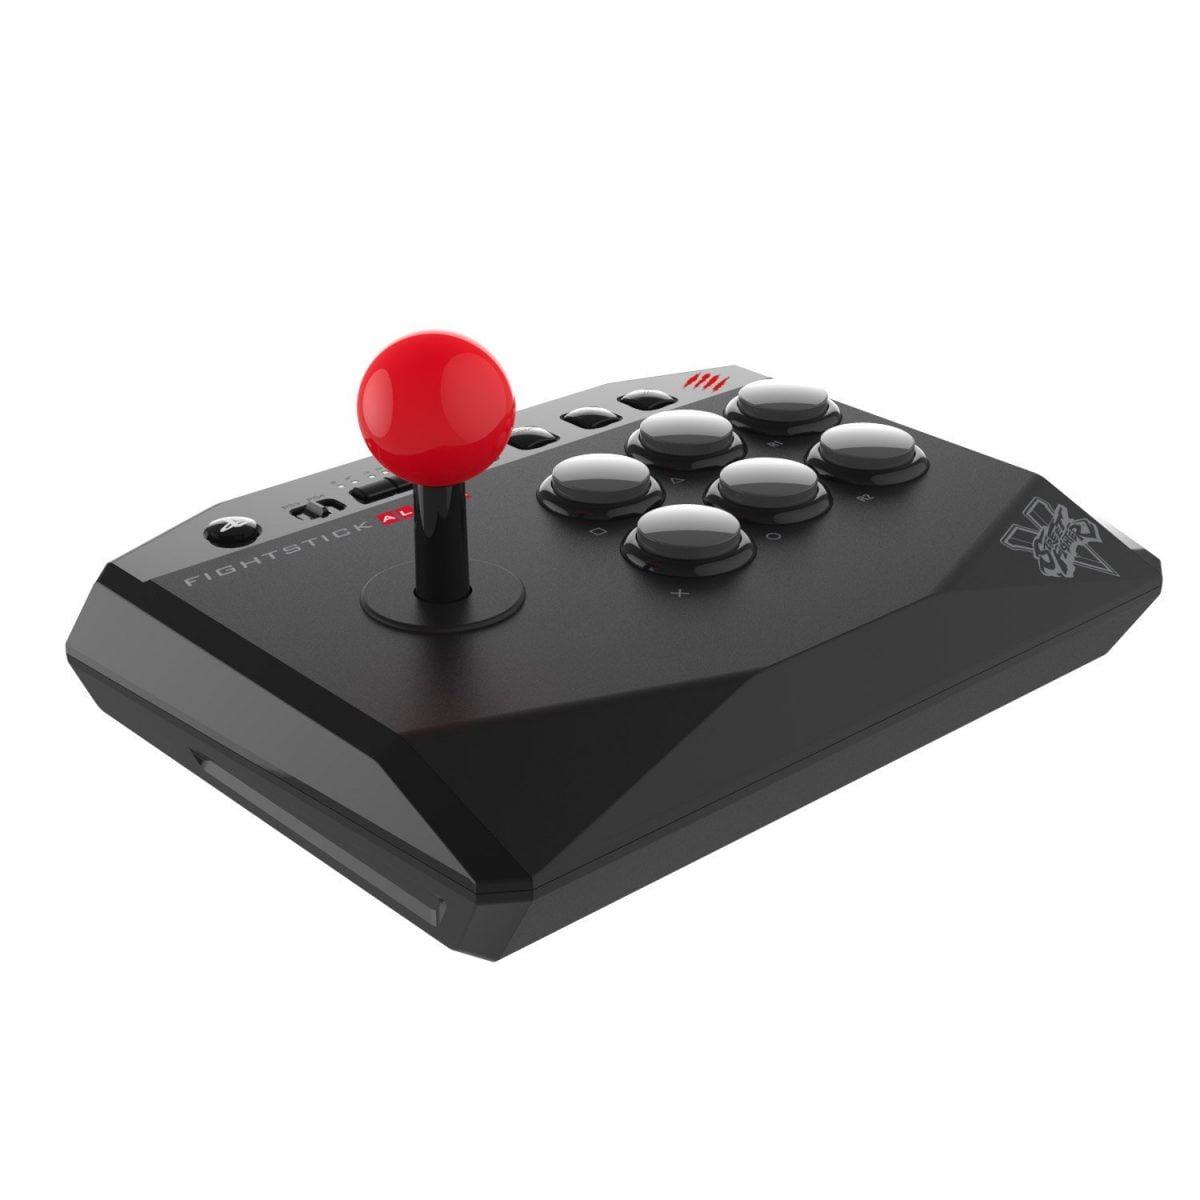 Best Arcade Fight Stick